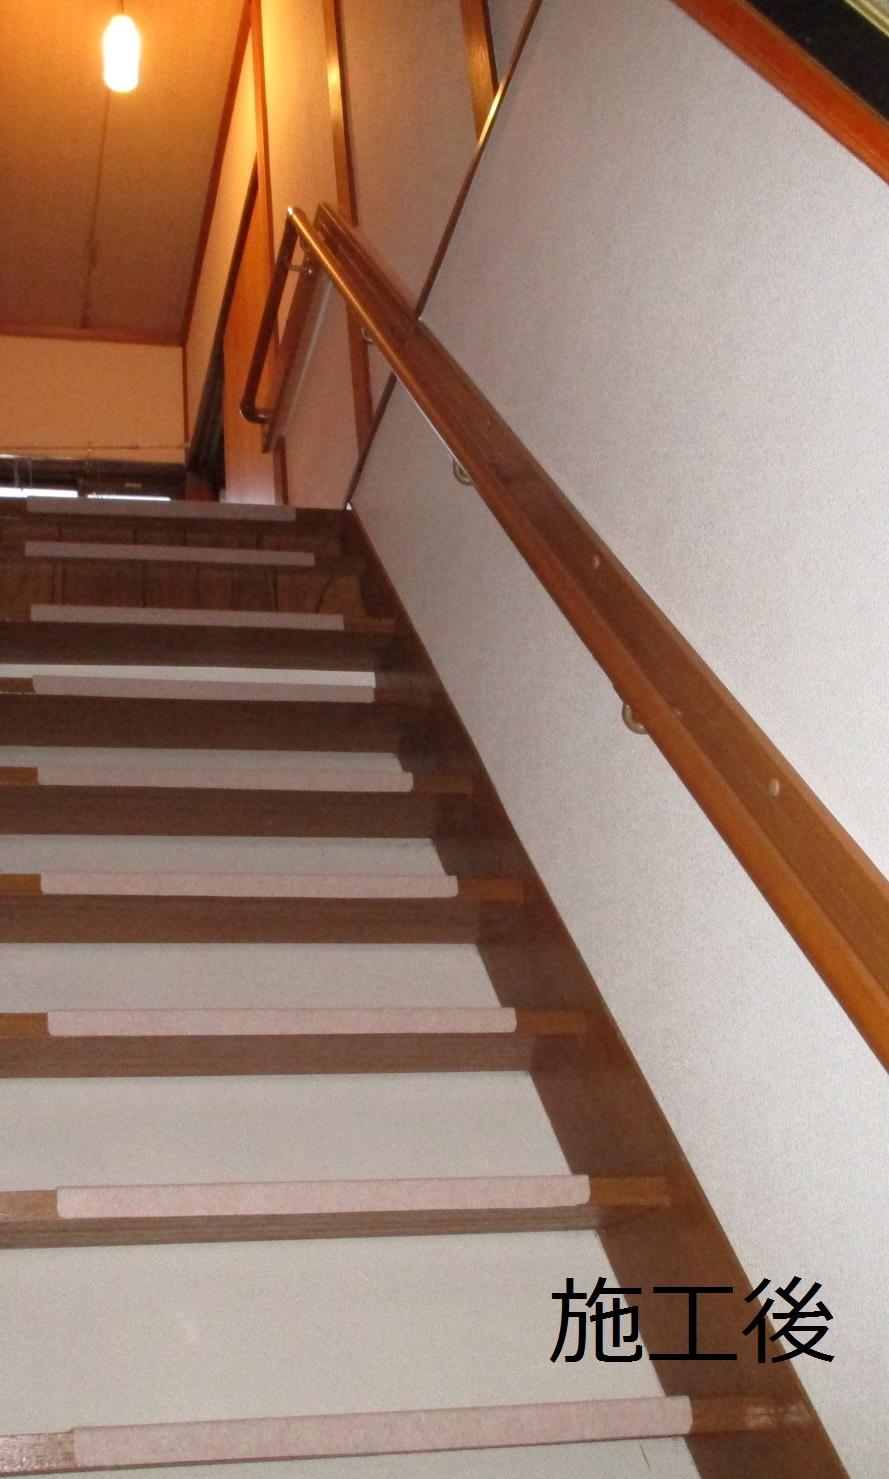 宝塚市 階段手摺・段差解消スロープ設置工事イメージ01